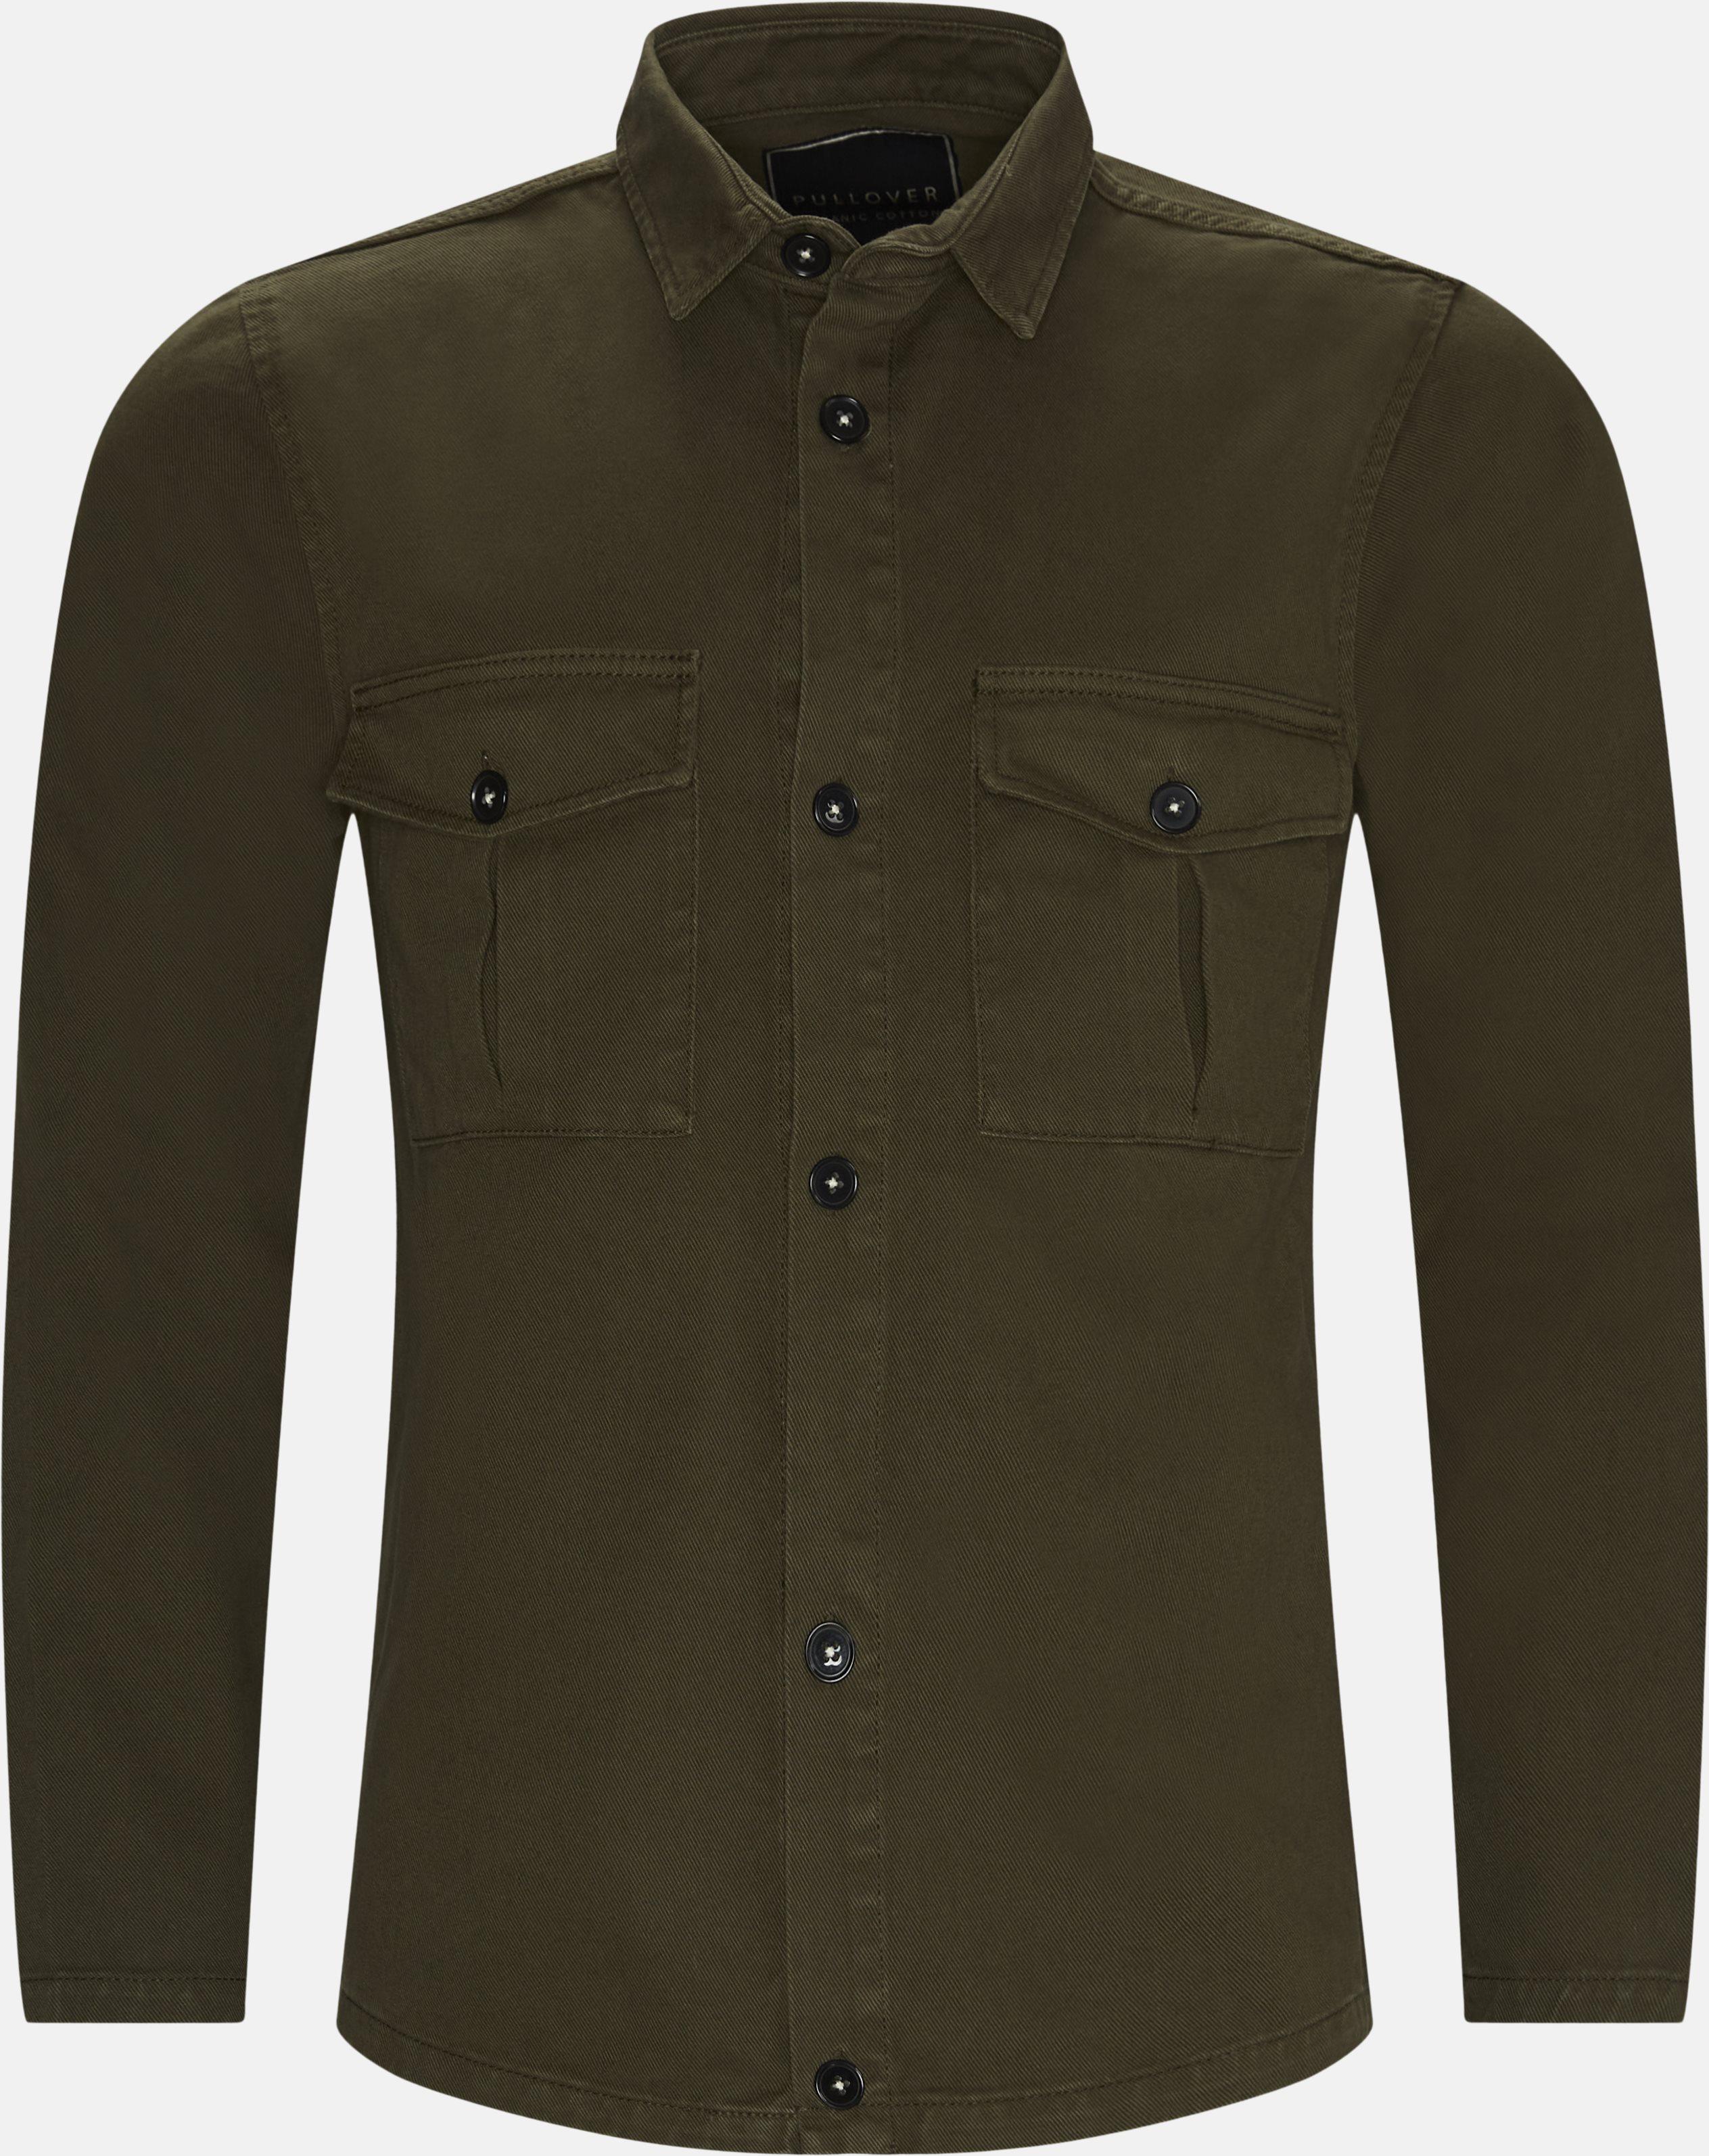 Overshirt  - Skjorter - Regular fit - Army